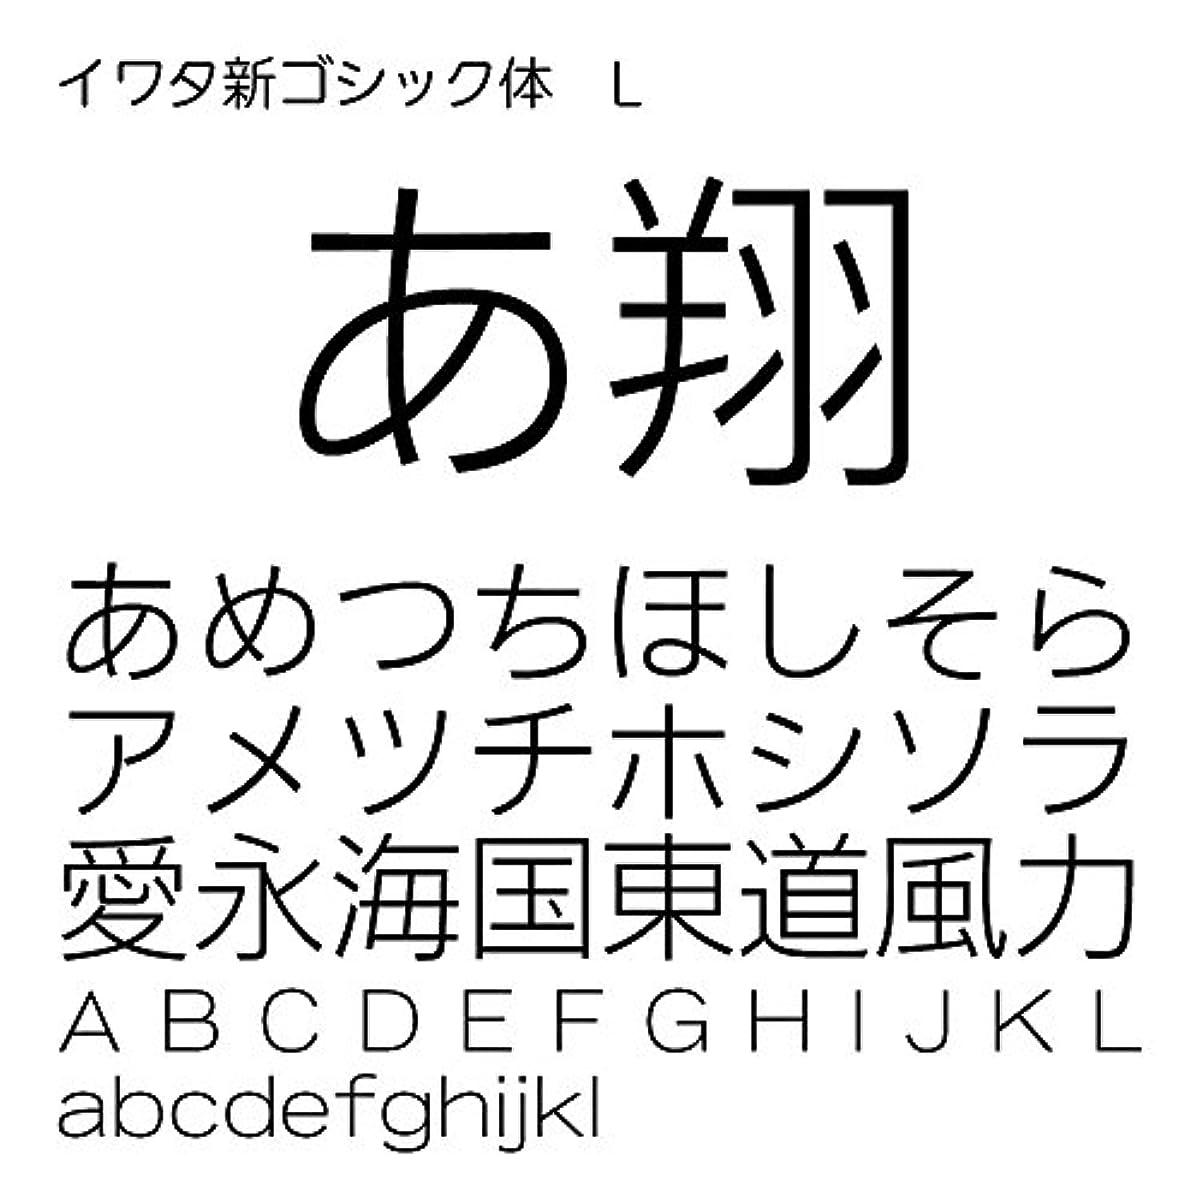 所有者予報ビデオイワタ新ゴシック体L Pro OpenType Font for Windows [ダウンロード]